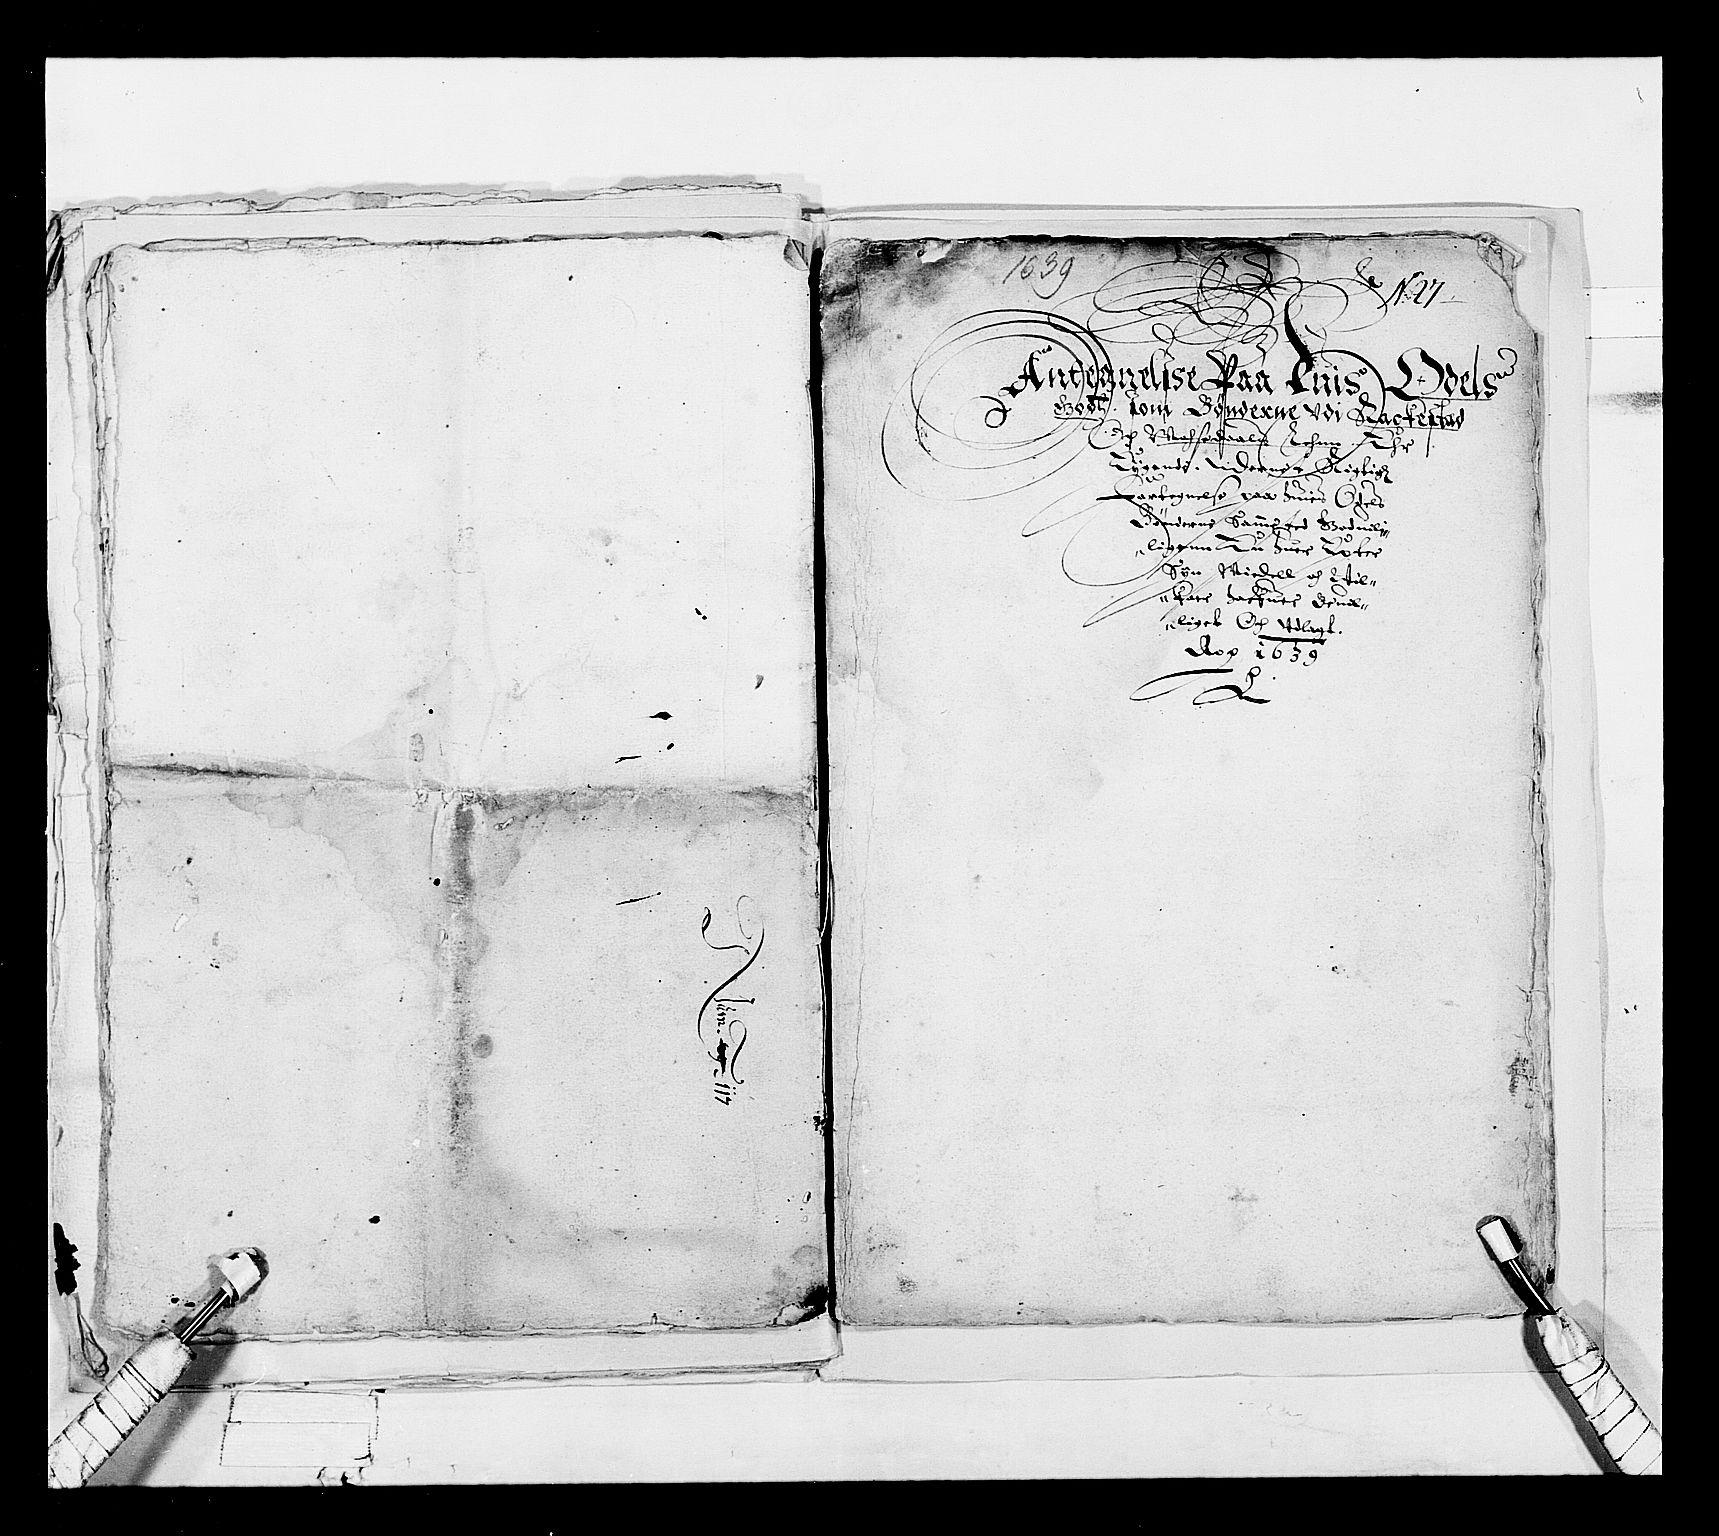 RA, Stattholderembetet 1572-1771, Ek/L0018: Jordebøker 1633-1658:, 1639, s. 9